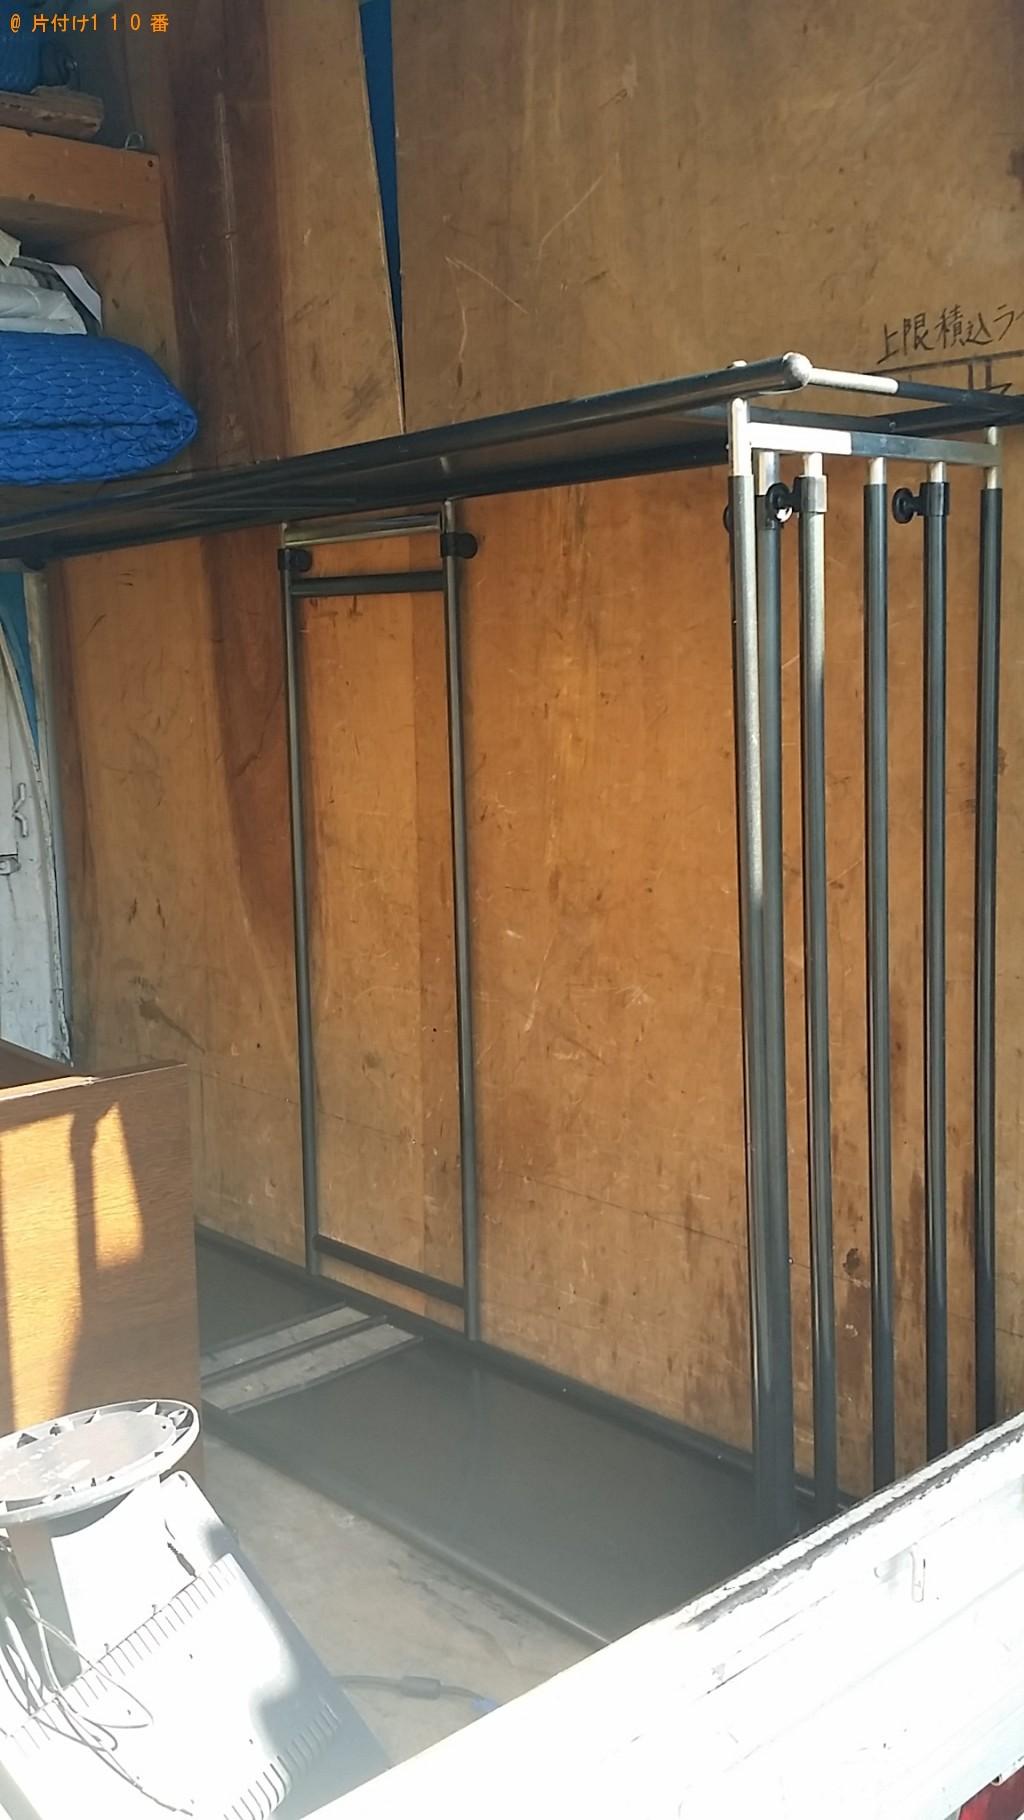 【志布志市志布志町】食器棚、ラックなどの出張不用品回収・処分ご依頼